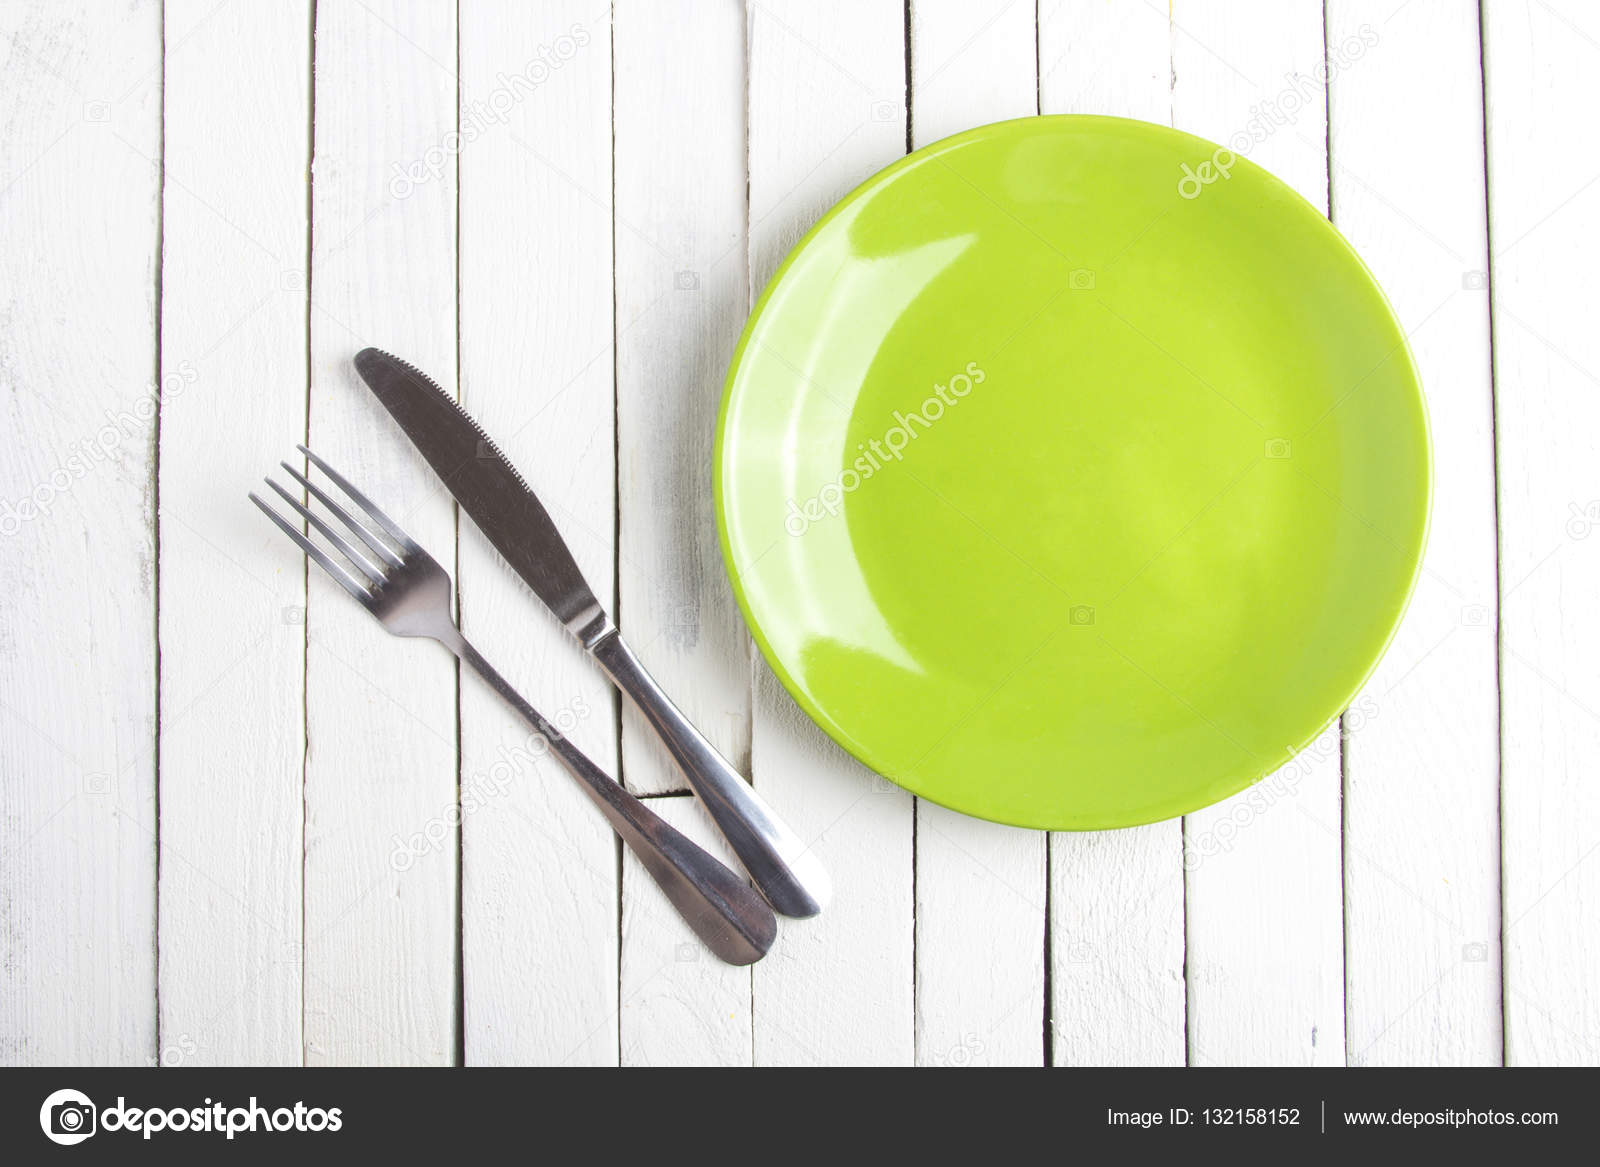 Plato taza tenedor cuchillo vintage r stico fondo blanco for Plato tenedor y cuchillo